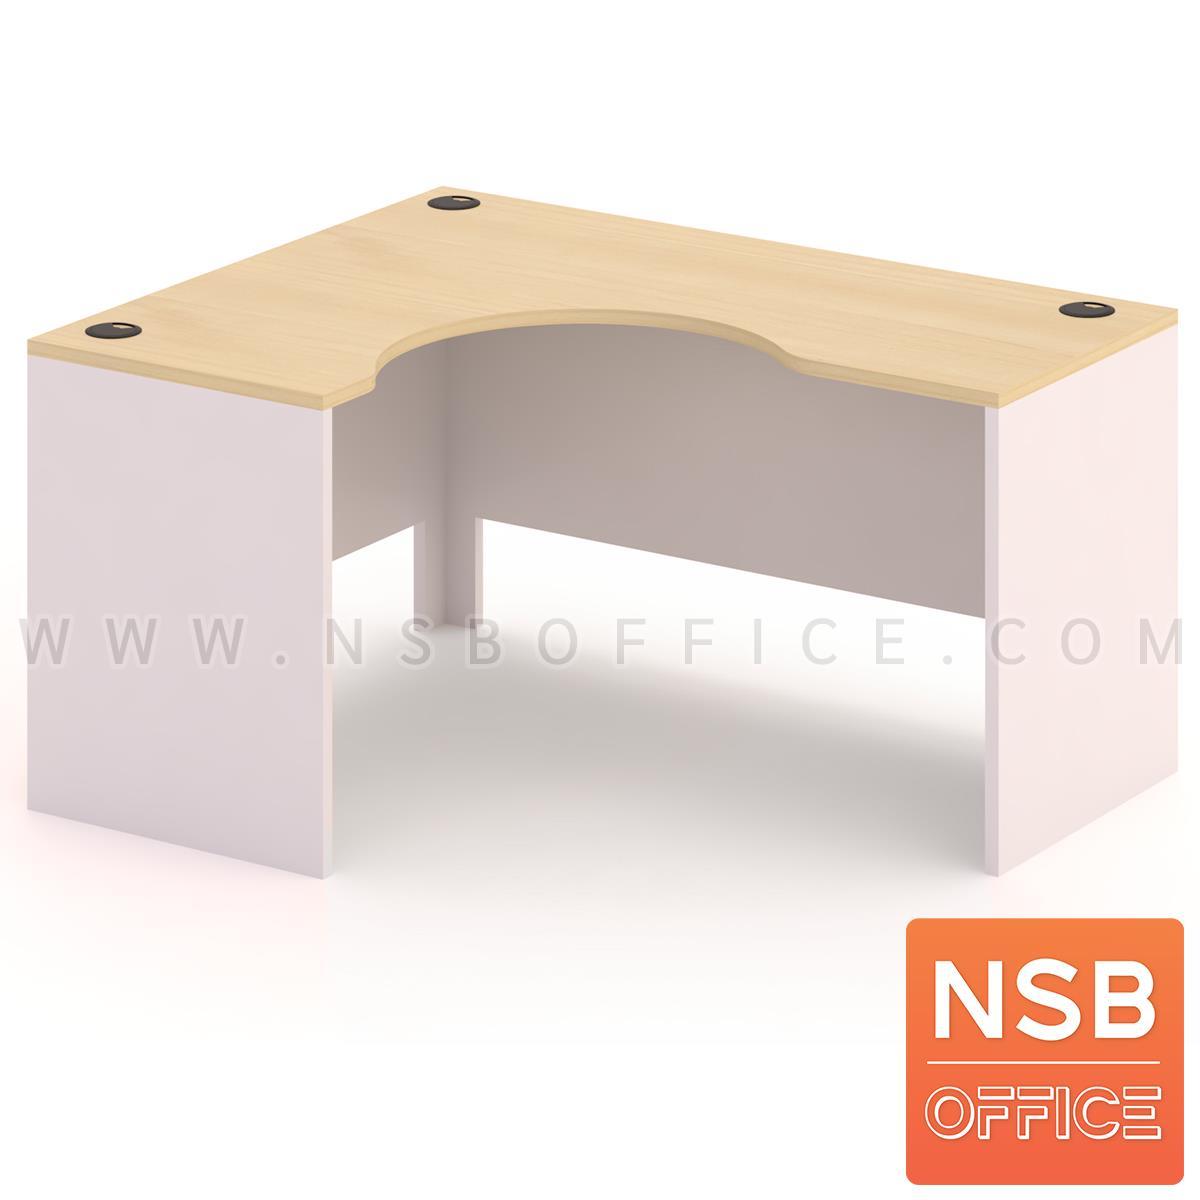 A13A017:โต๊ะทำงานตัวแอลหน้าโค้งเว้า   รุ่น Simpson (ซิมป์สัน) ขนาด 150W1 ,165W1 ,180W1*120W2 cm.  เมลามีน